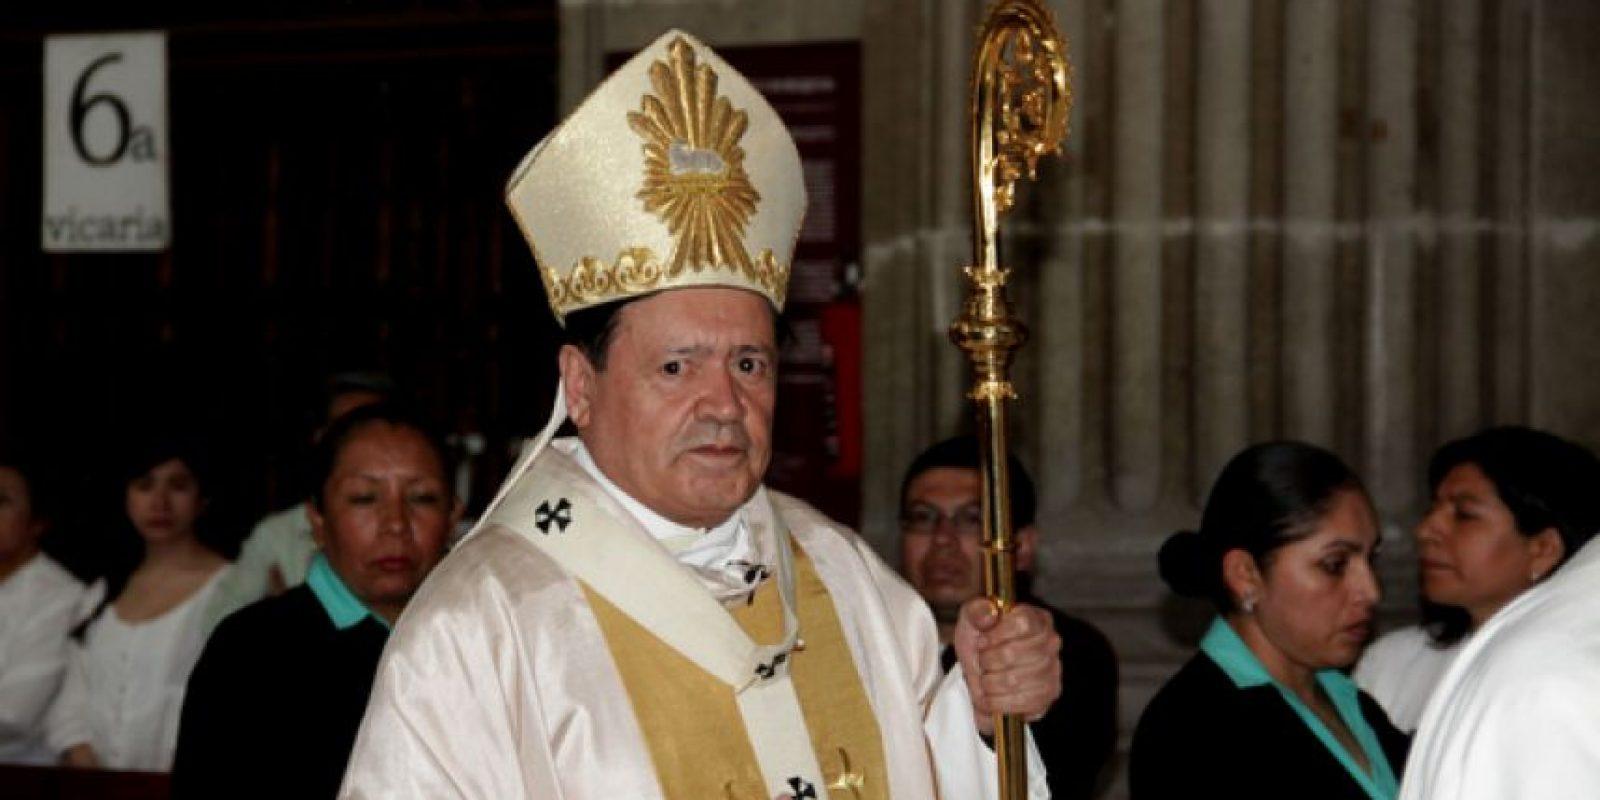 El cardenal Norberto Rivera Carrera mantuvo la distancia con el enviado del Vaticano. Foto:Cuartoscuro